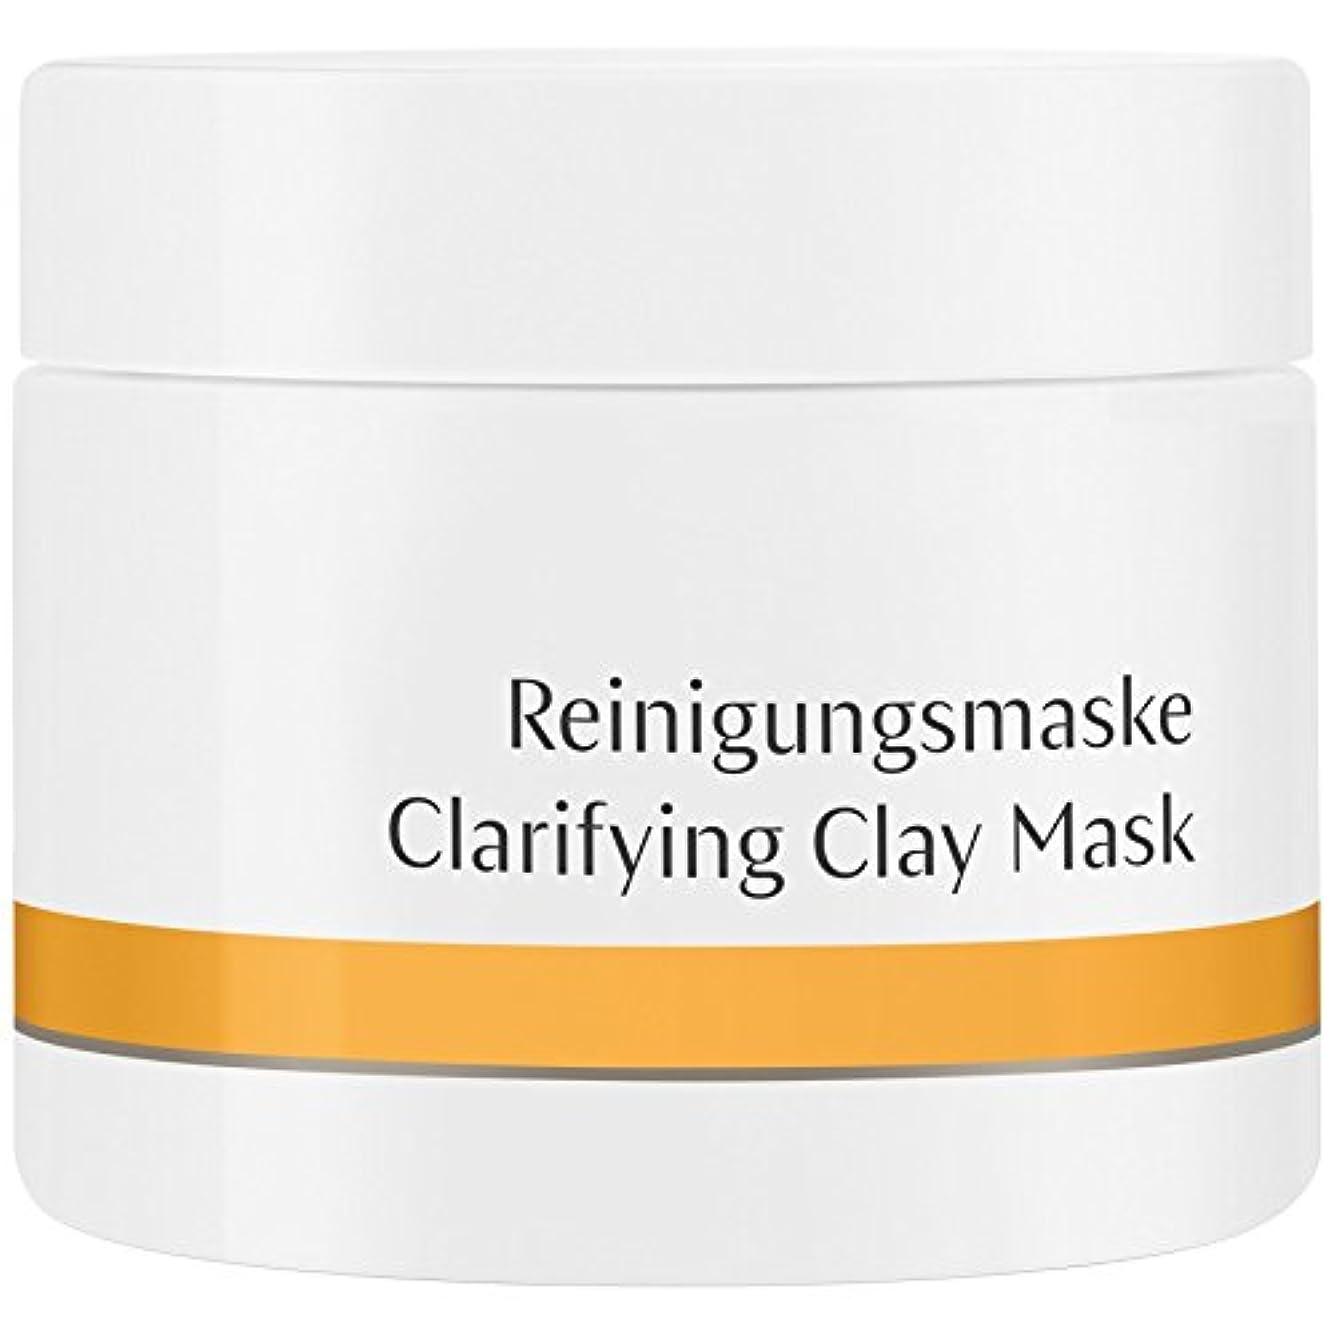 請求におい適度に[Dr Hauschka] Drハウシュカ明確化クレイマスク90グラム - Dr Hauschka Clarifying Clay Mask 90g [並行輸入品]